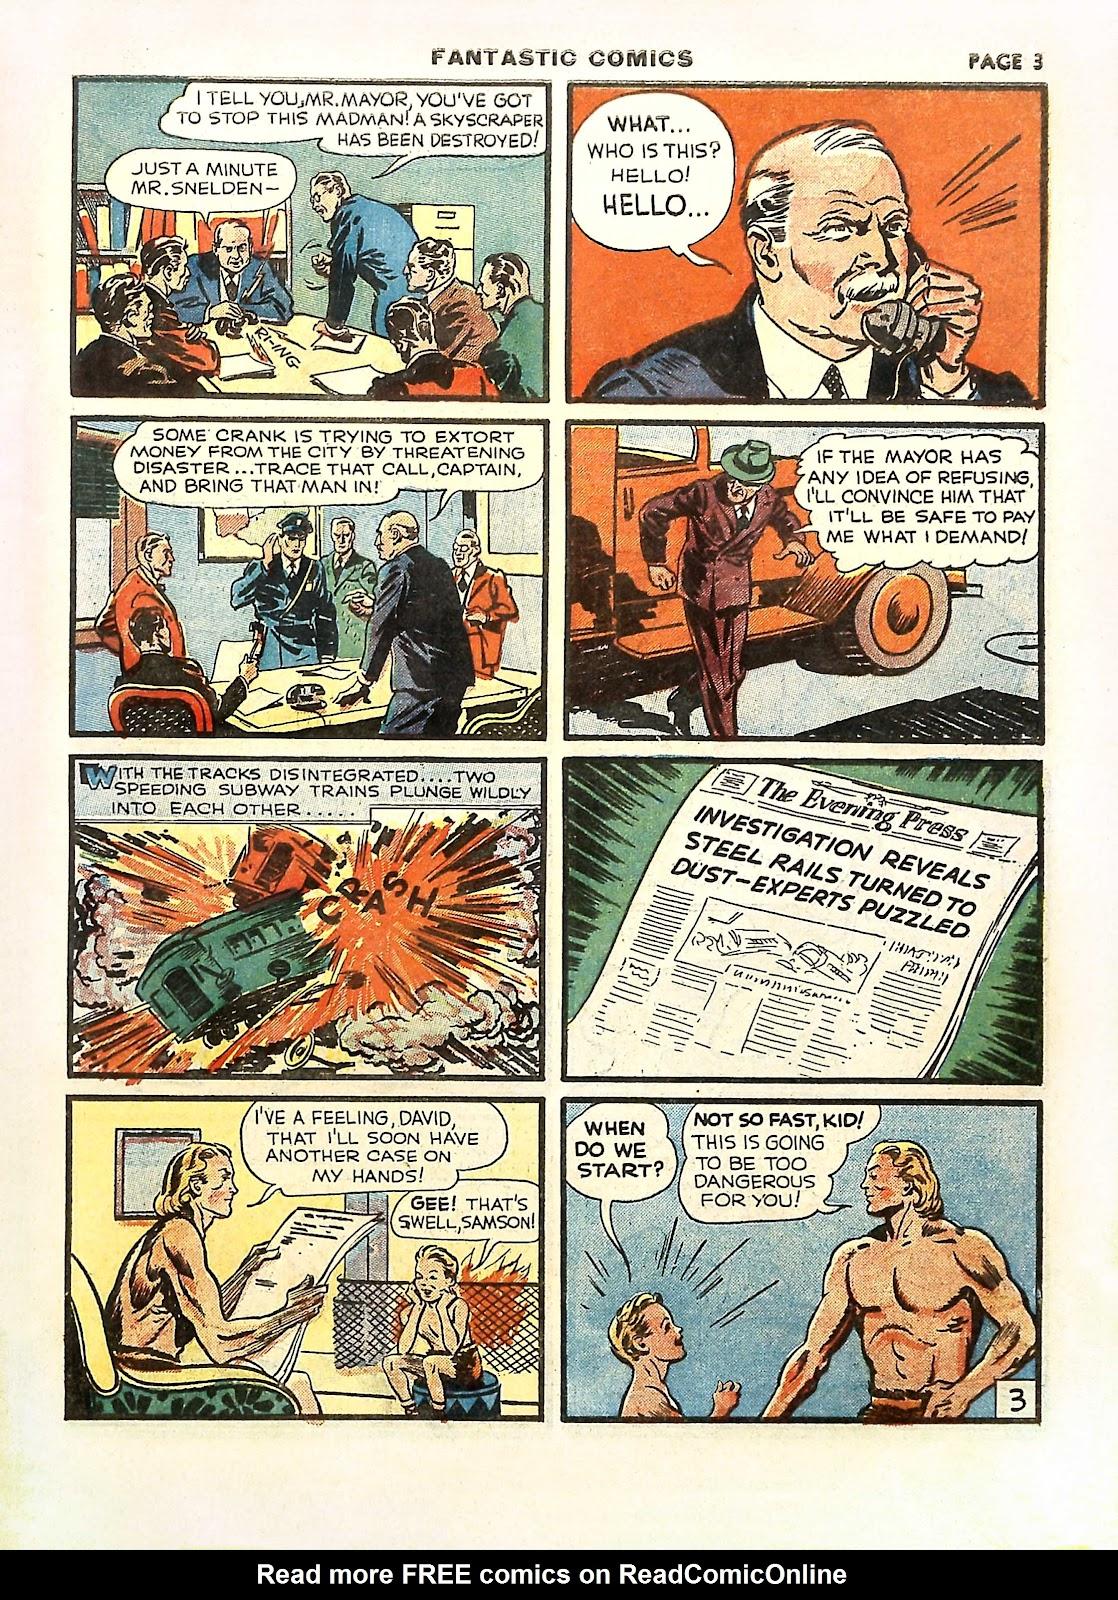 Read online Fantastic Comics comic -  Issue #11 - 6